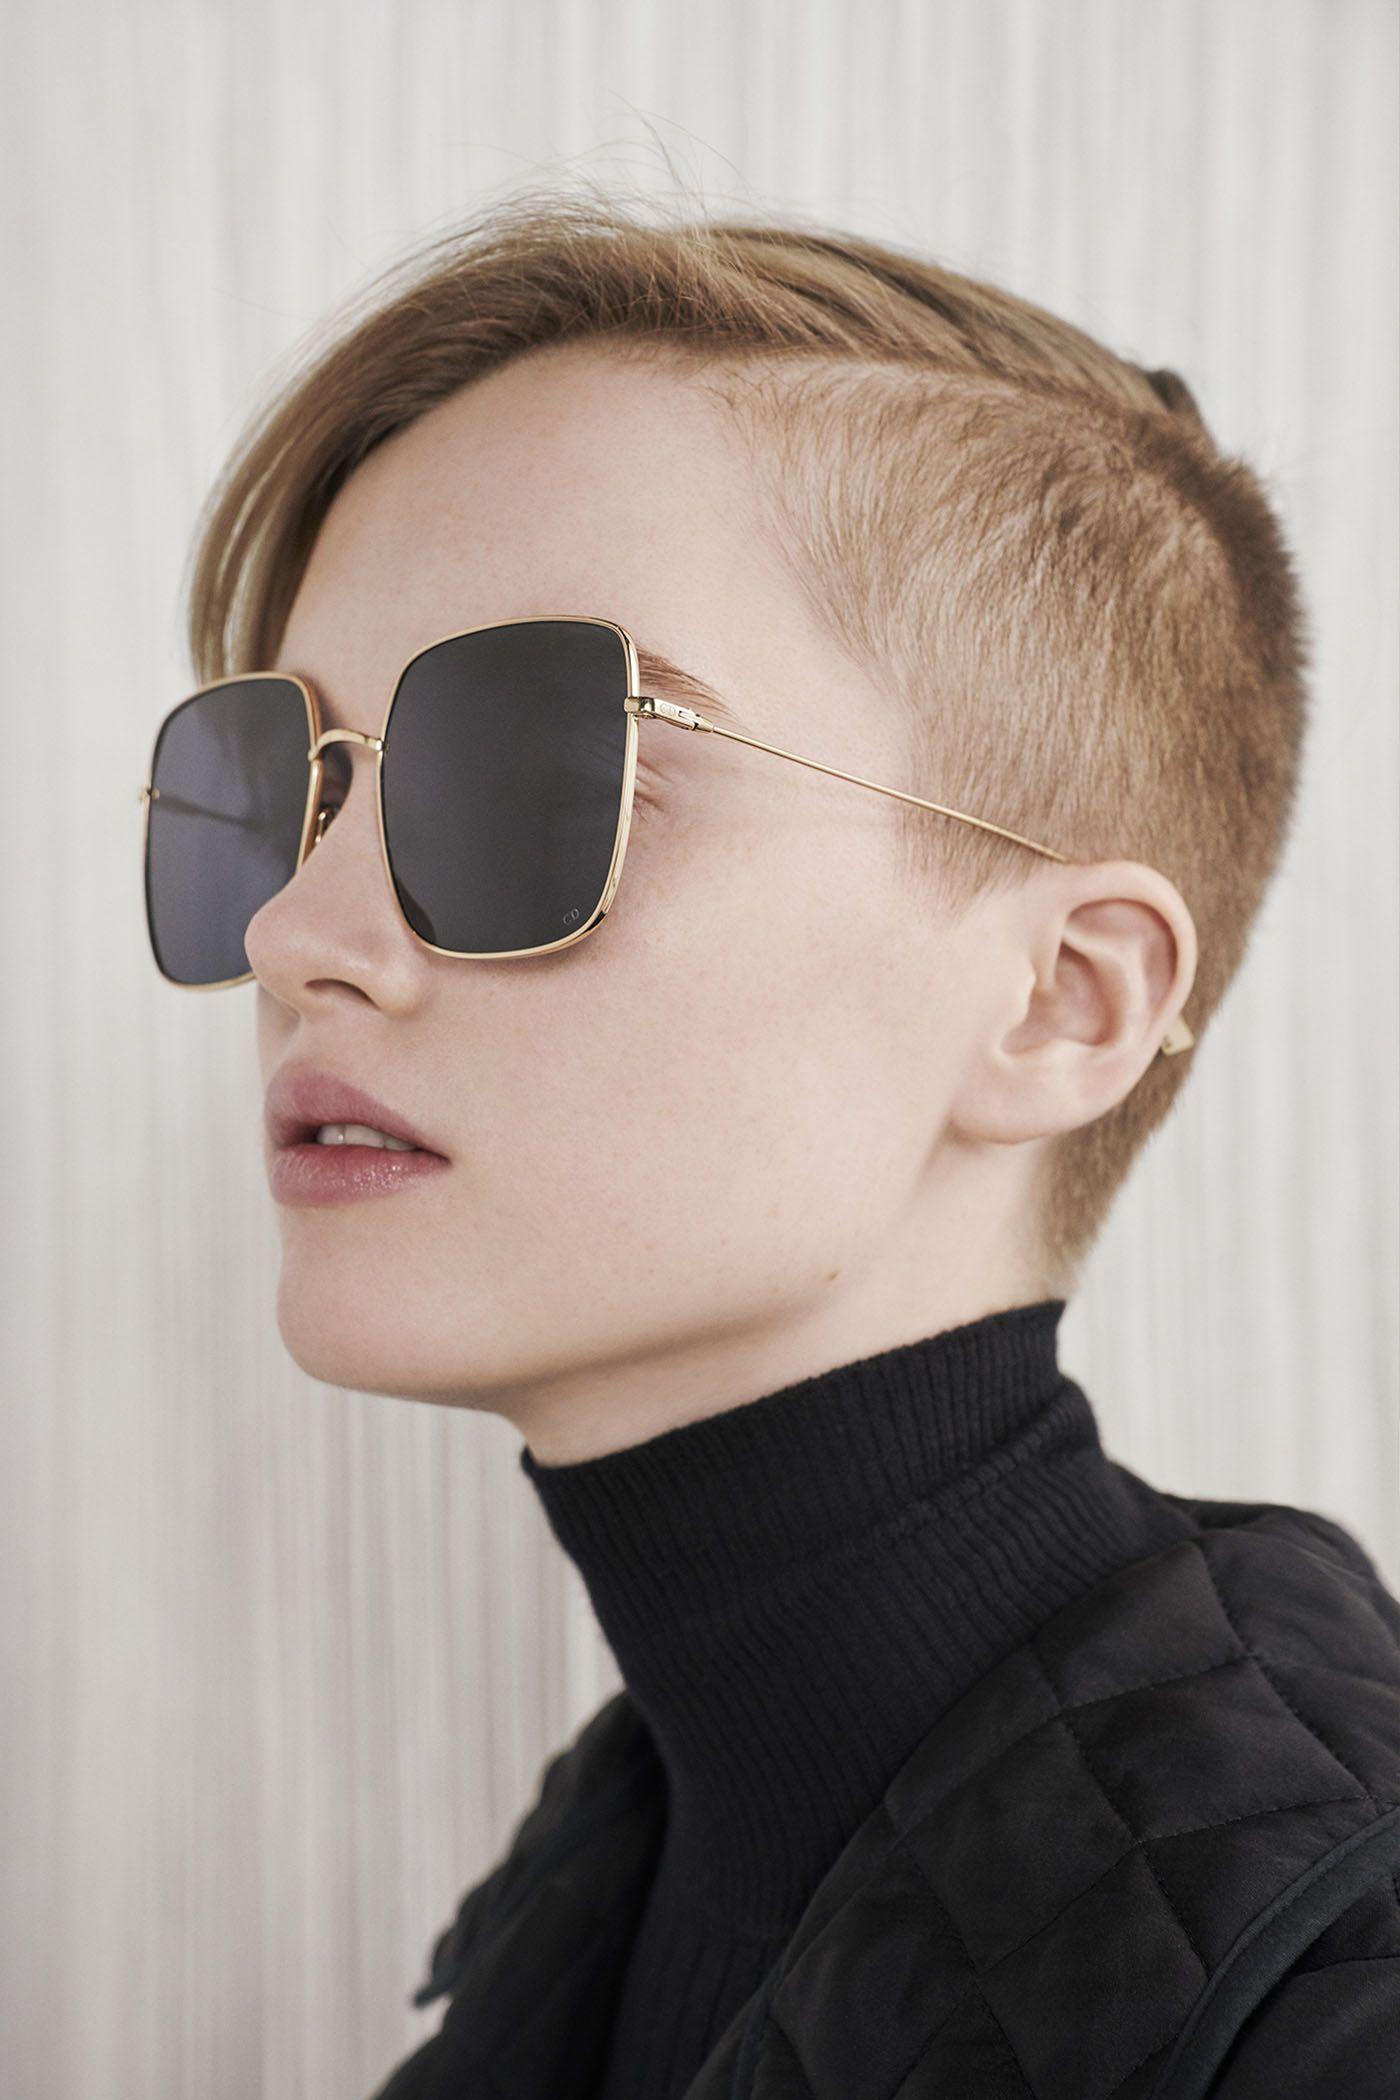 Sonnenbrille von DF Modell Frühjahr//Sommer 2017